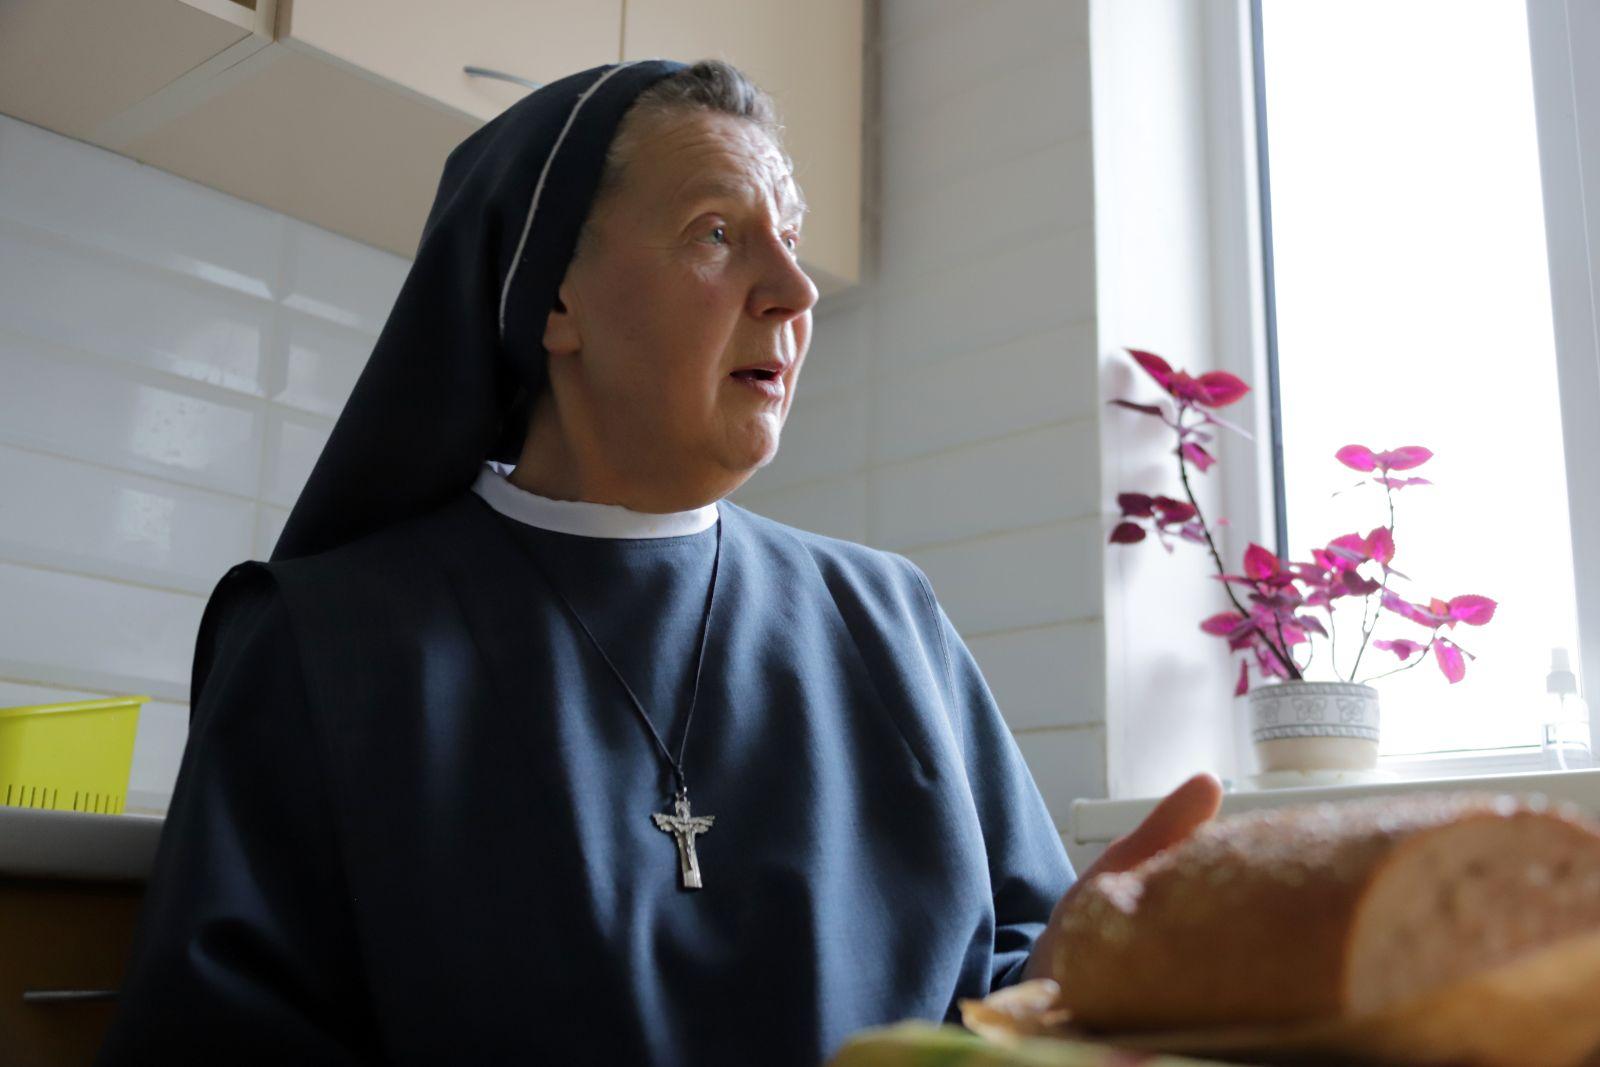 Anot L. Kasiulytės, mitas, kad seserys tik meldžiasi ir tyliai sėdi vienutėse. Jos turi daug darbų, uždavinių ir tikslų.I. Stulgaitės-Kriukienės nuotr.